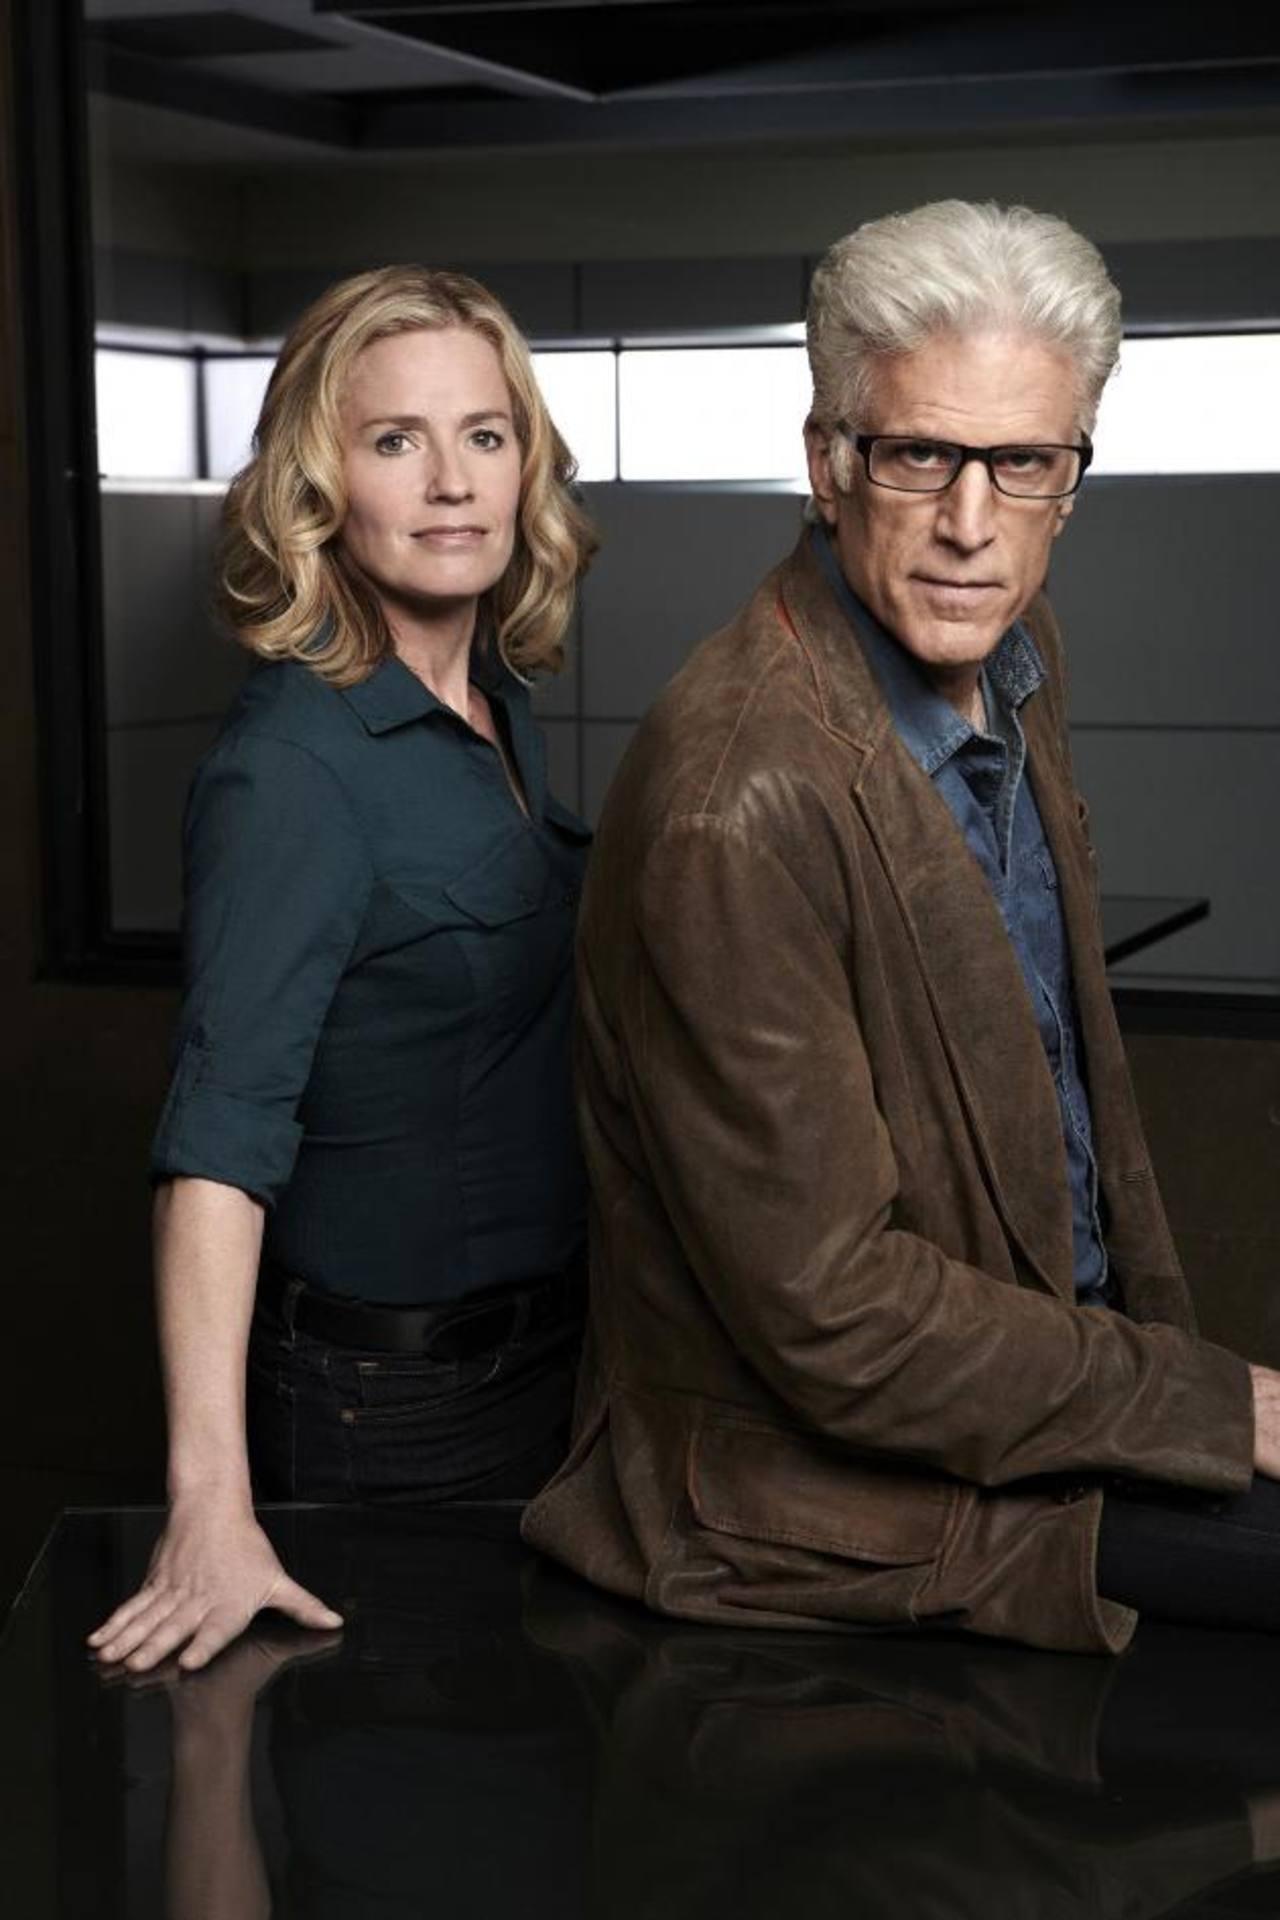 La actriz junto al actor Ted Danson. Juntos interpretan a los detectives Julie Finlay y D.B. Russell en CSI.